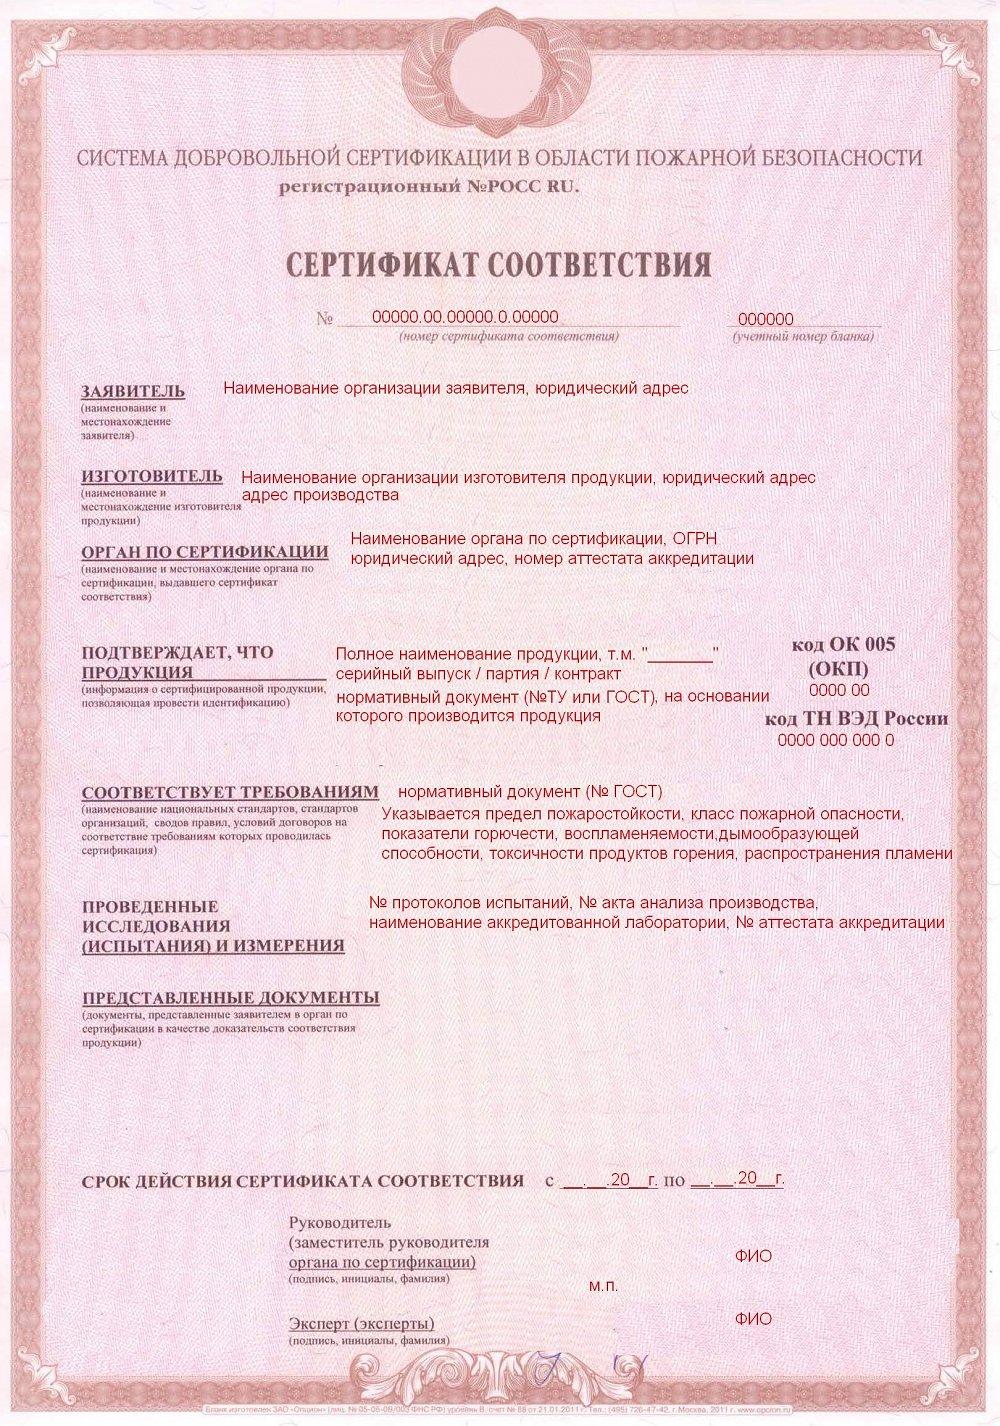 сертифицирование продукции инструкция